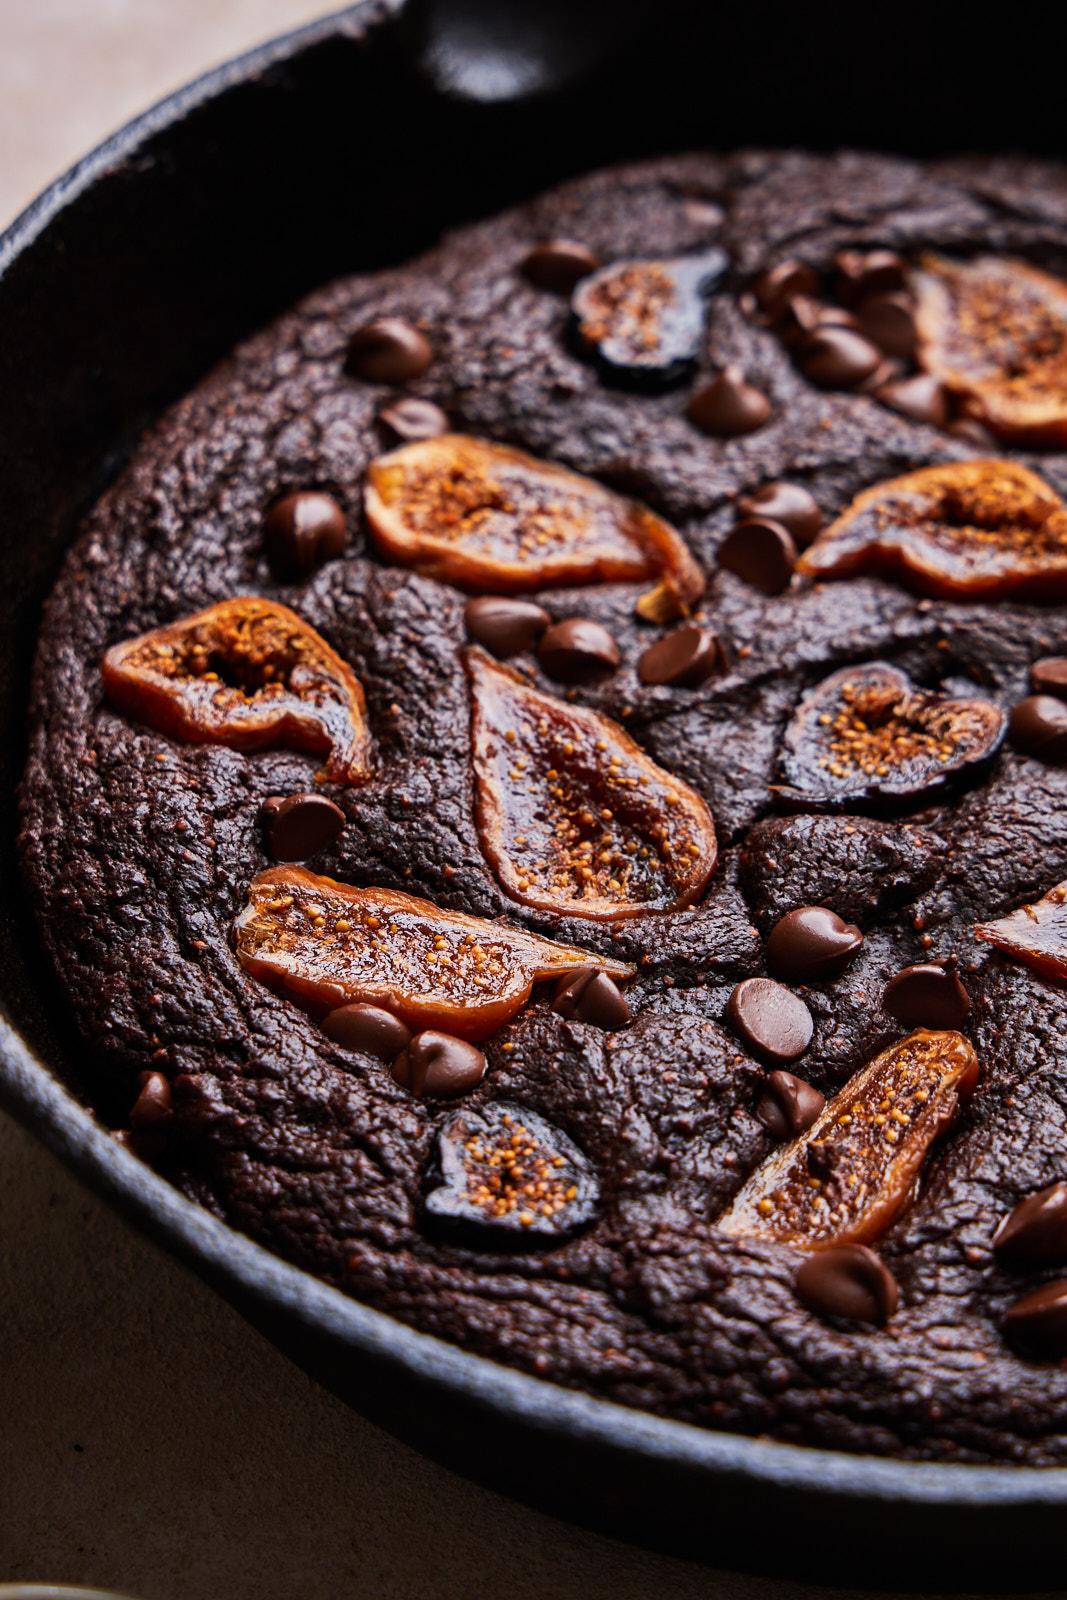 Chocolate Fig skillet brownies